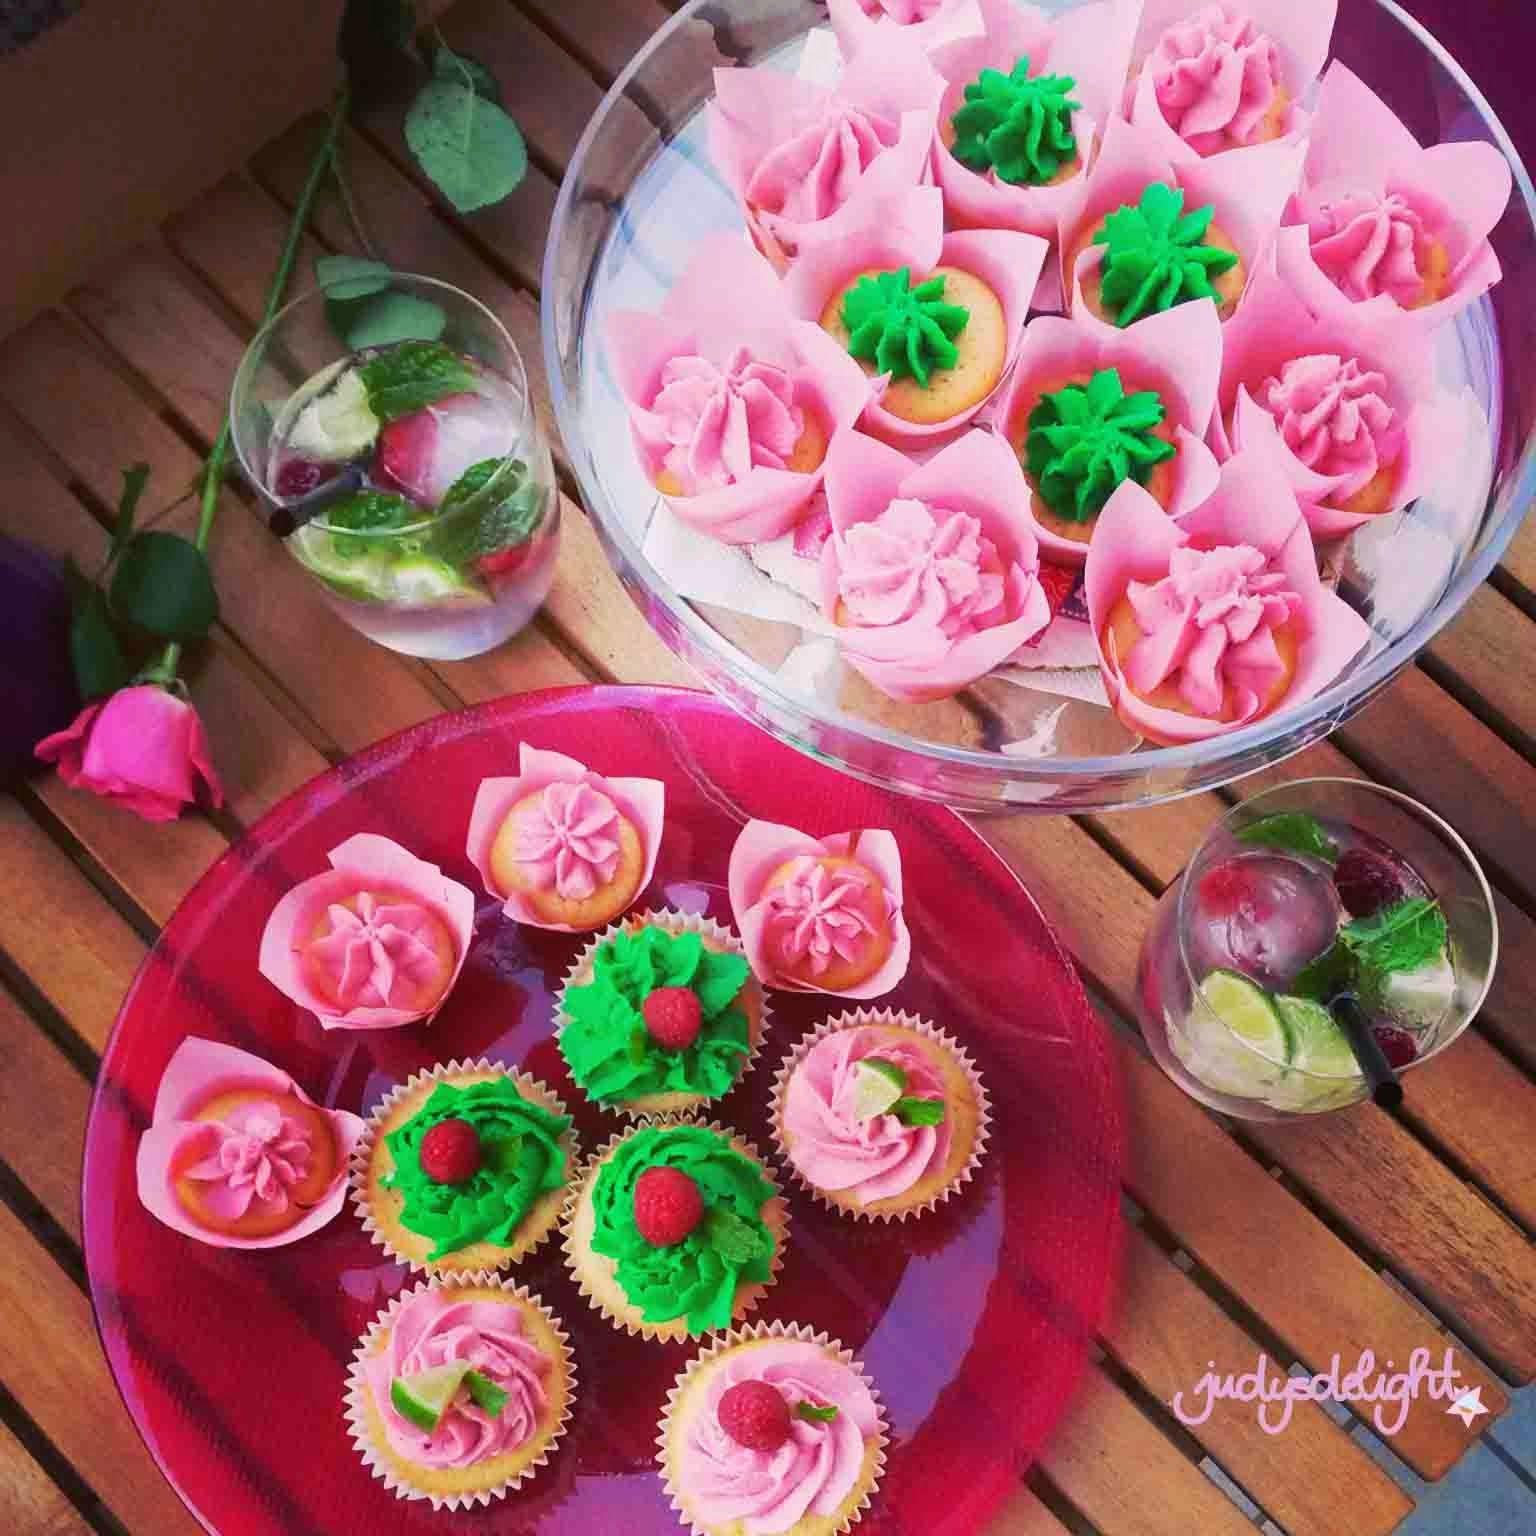 Wenn Ich Ein Tortchen Ware Mojito Bacardi Razz Cupcakes Judysdelight Der Foodblog Aus Stuttgart Mojito Cupcakes Cupcakes Creme Fur Torten